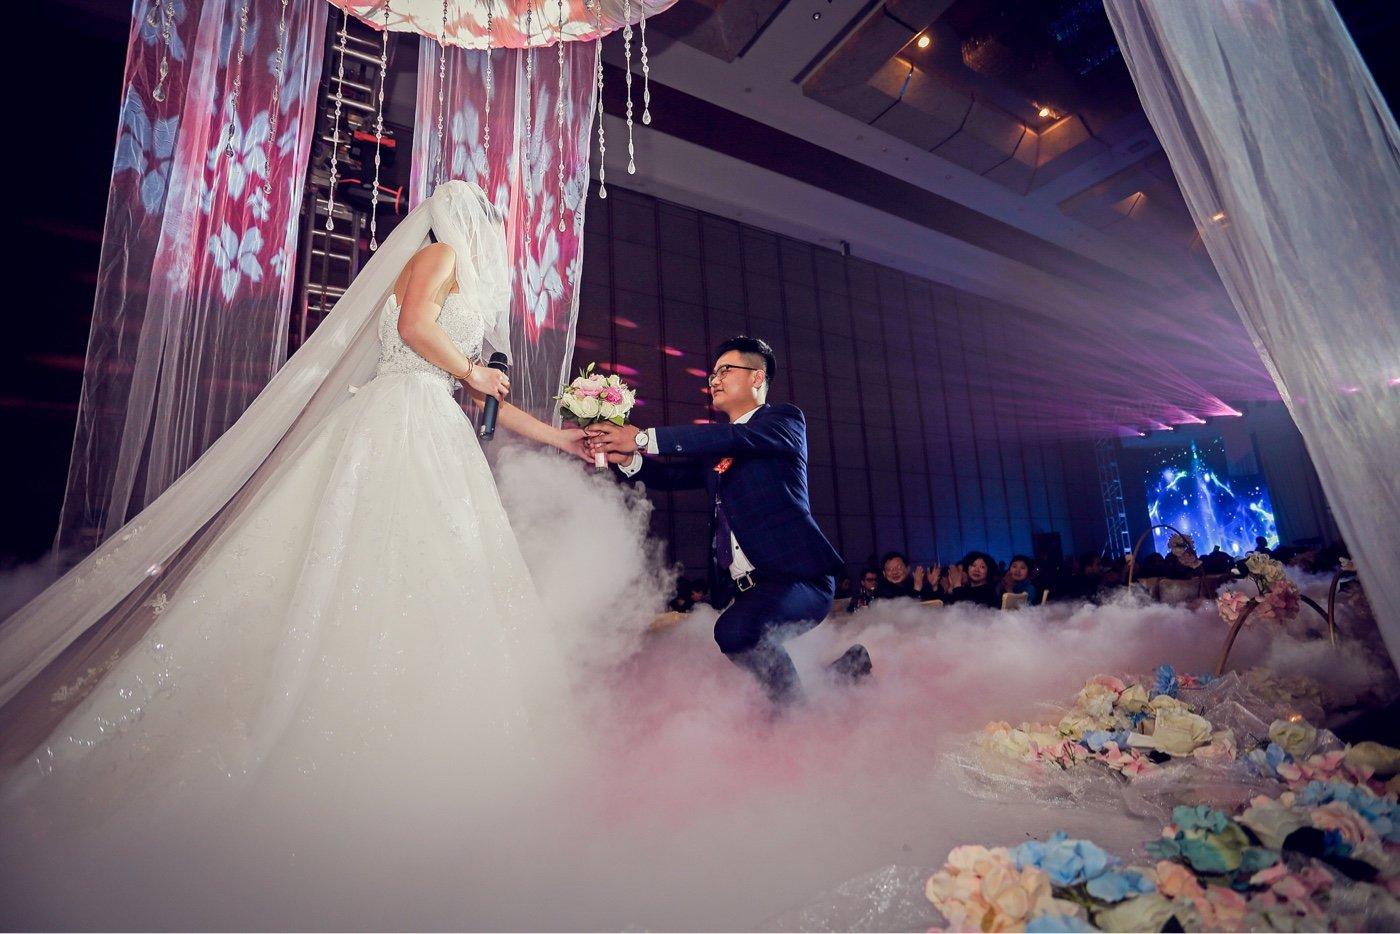 「Fantasy Wedding」&滨湖世纪金源酒店10